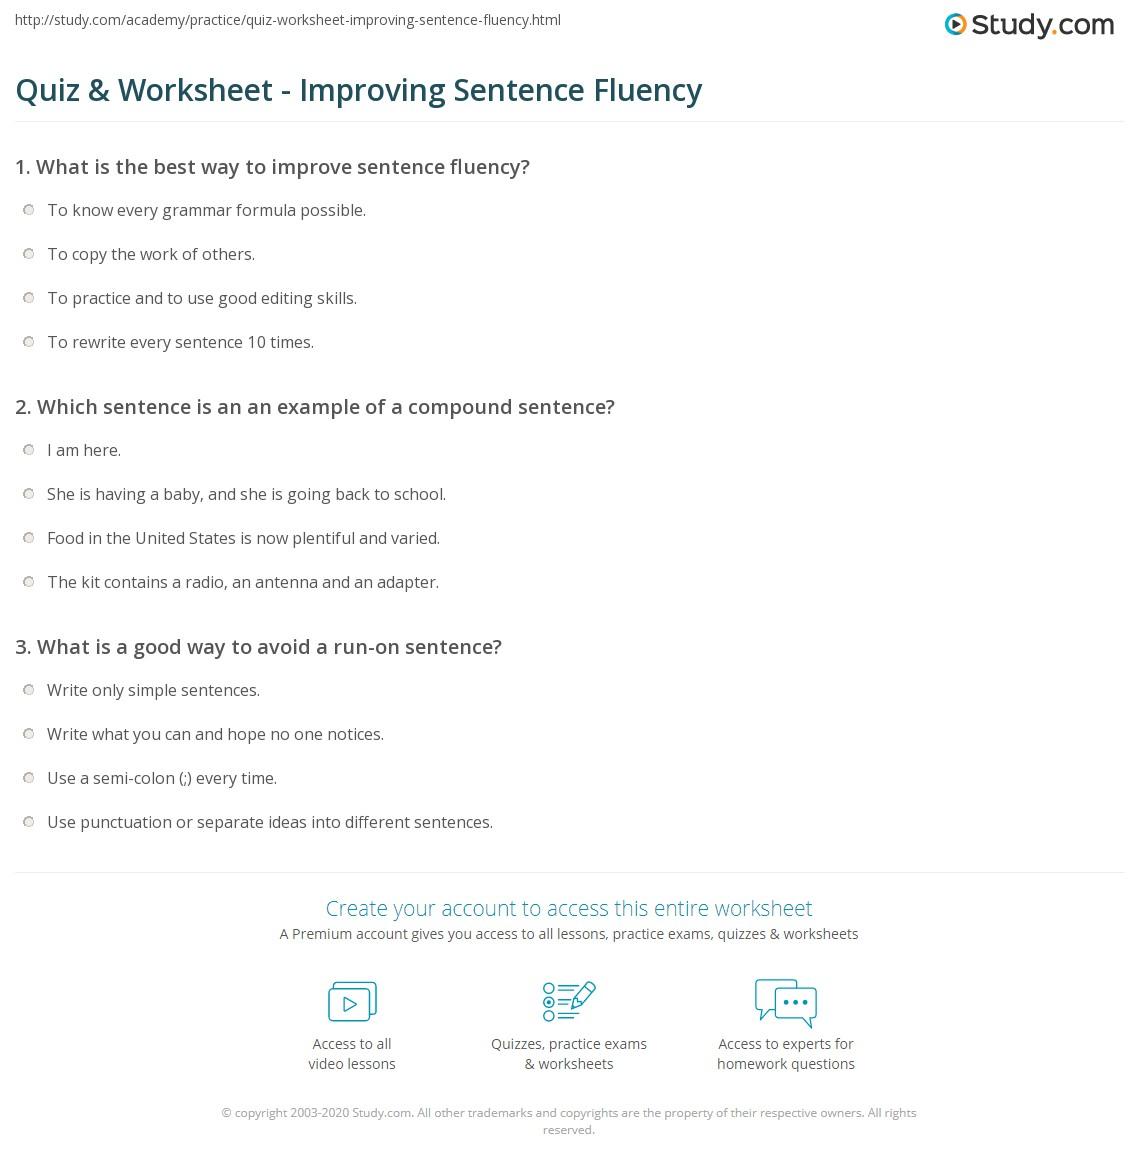 Quiz W Ksheet Improv G Sentence Fluency Study